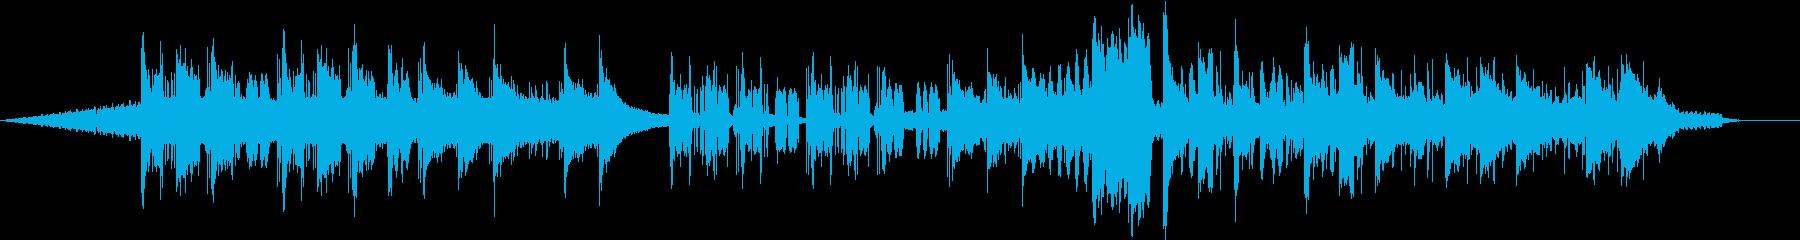 ピアノの旋律が印象的な曲の再生済みの波形